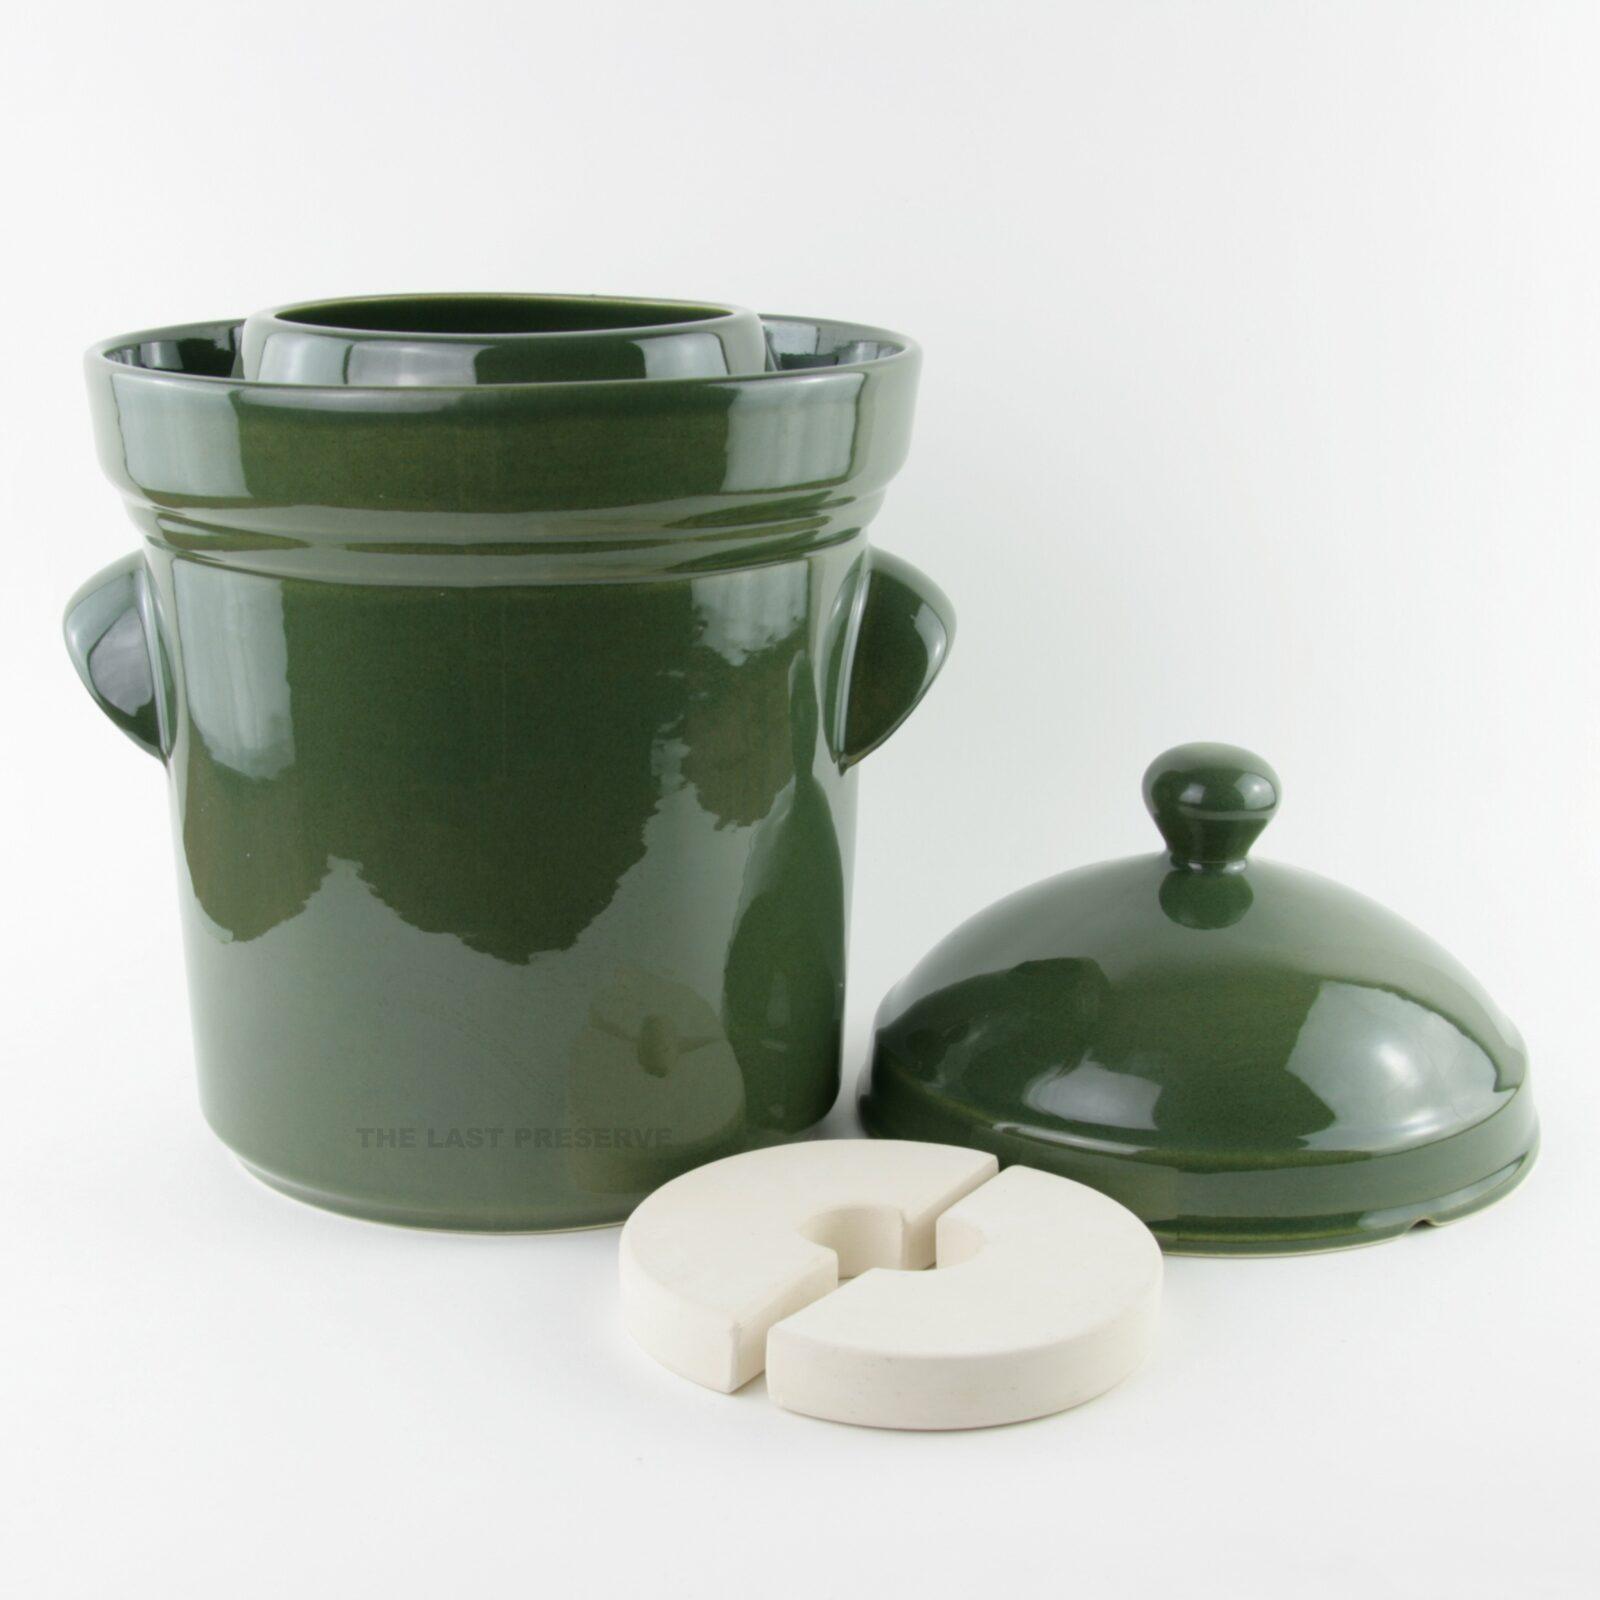 10 Litre green ceramic fermentation crocks by Zaklady Ceramiczne Boleslawiec